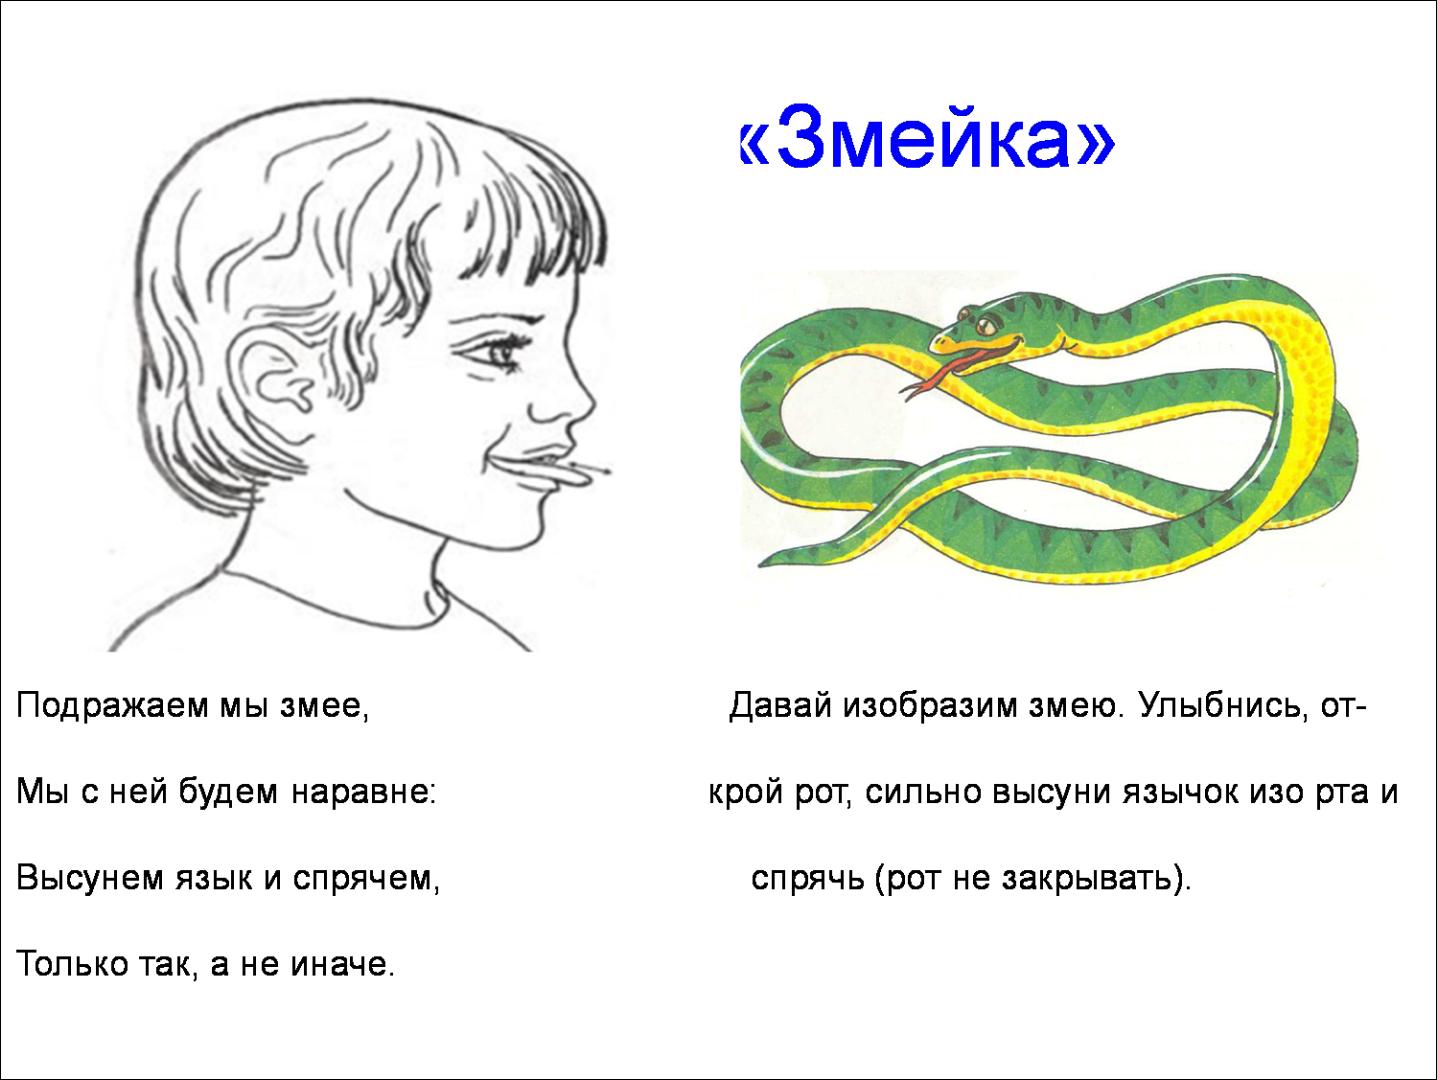 упражнение Змейка